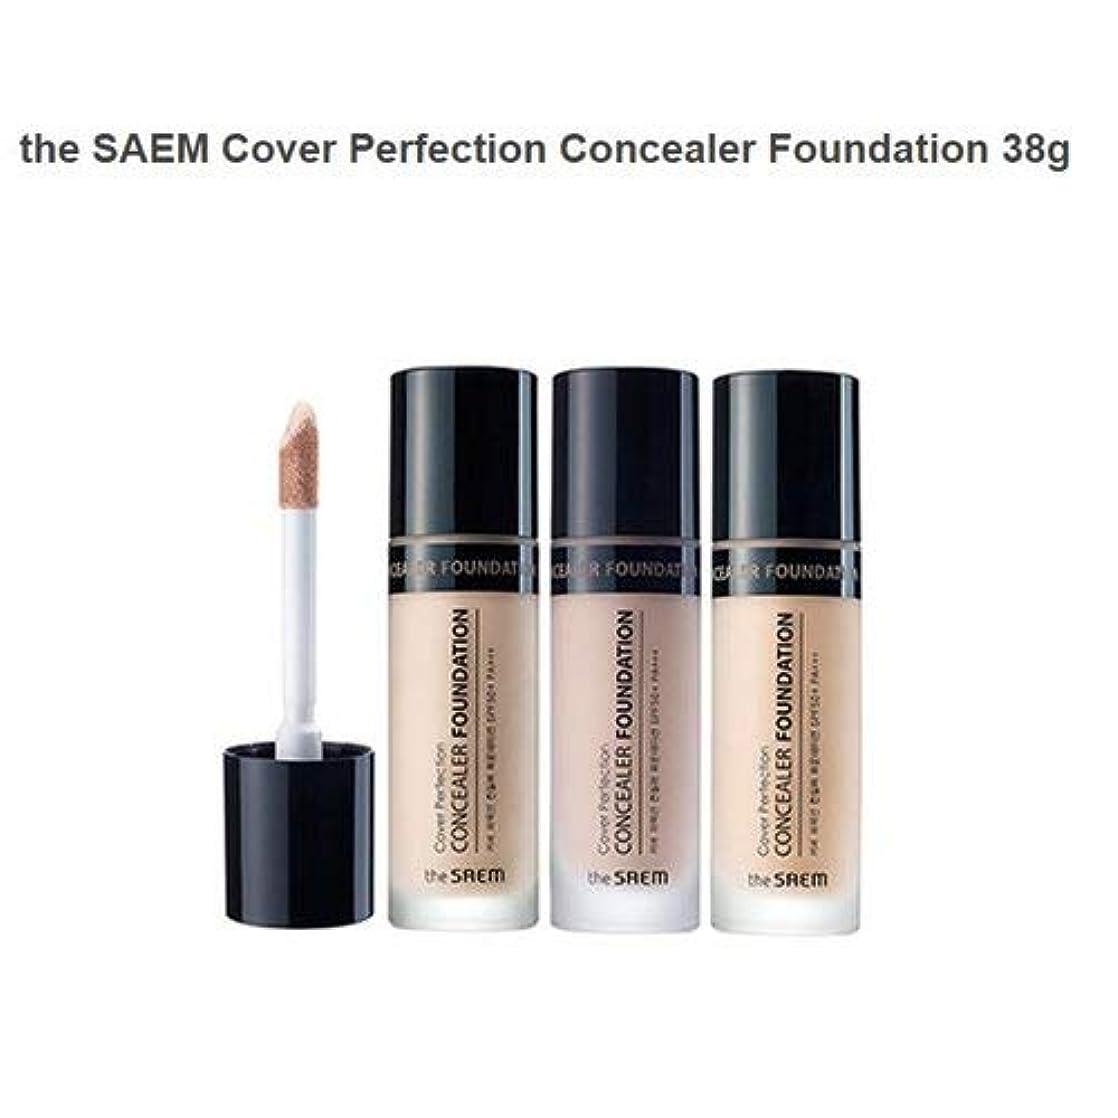 浸透するばか分析的【The Saem】カバーパーフェクションコンシーラーファンデーション Cover Perfection CONCEALER FOUNDATION 【SPF50+ PA+++】 ((ConclearFoundation)...